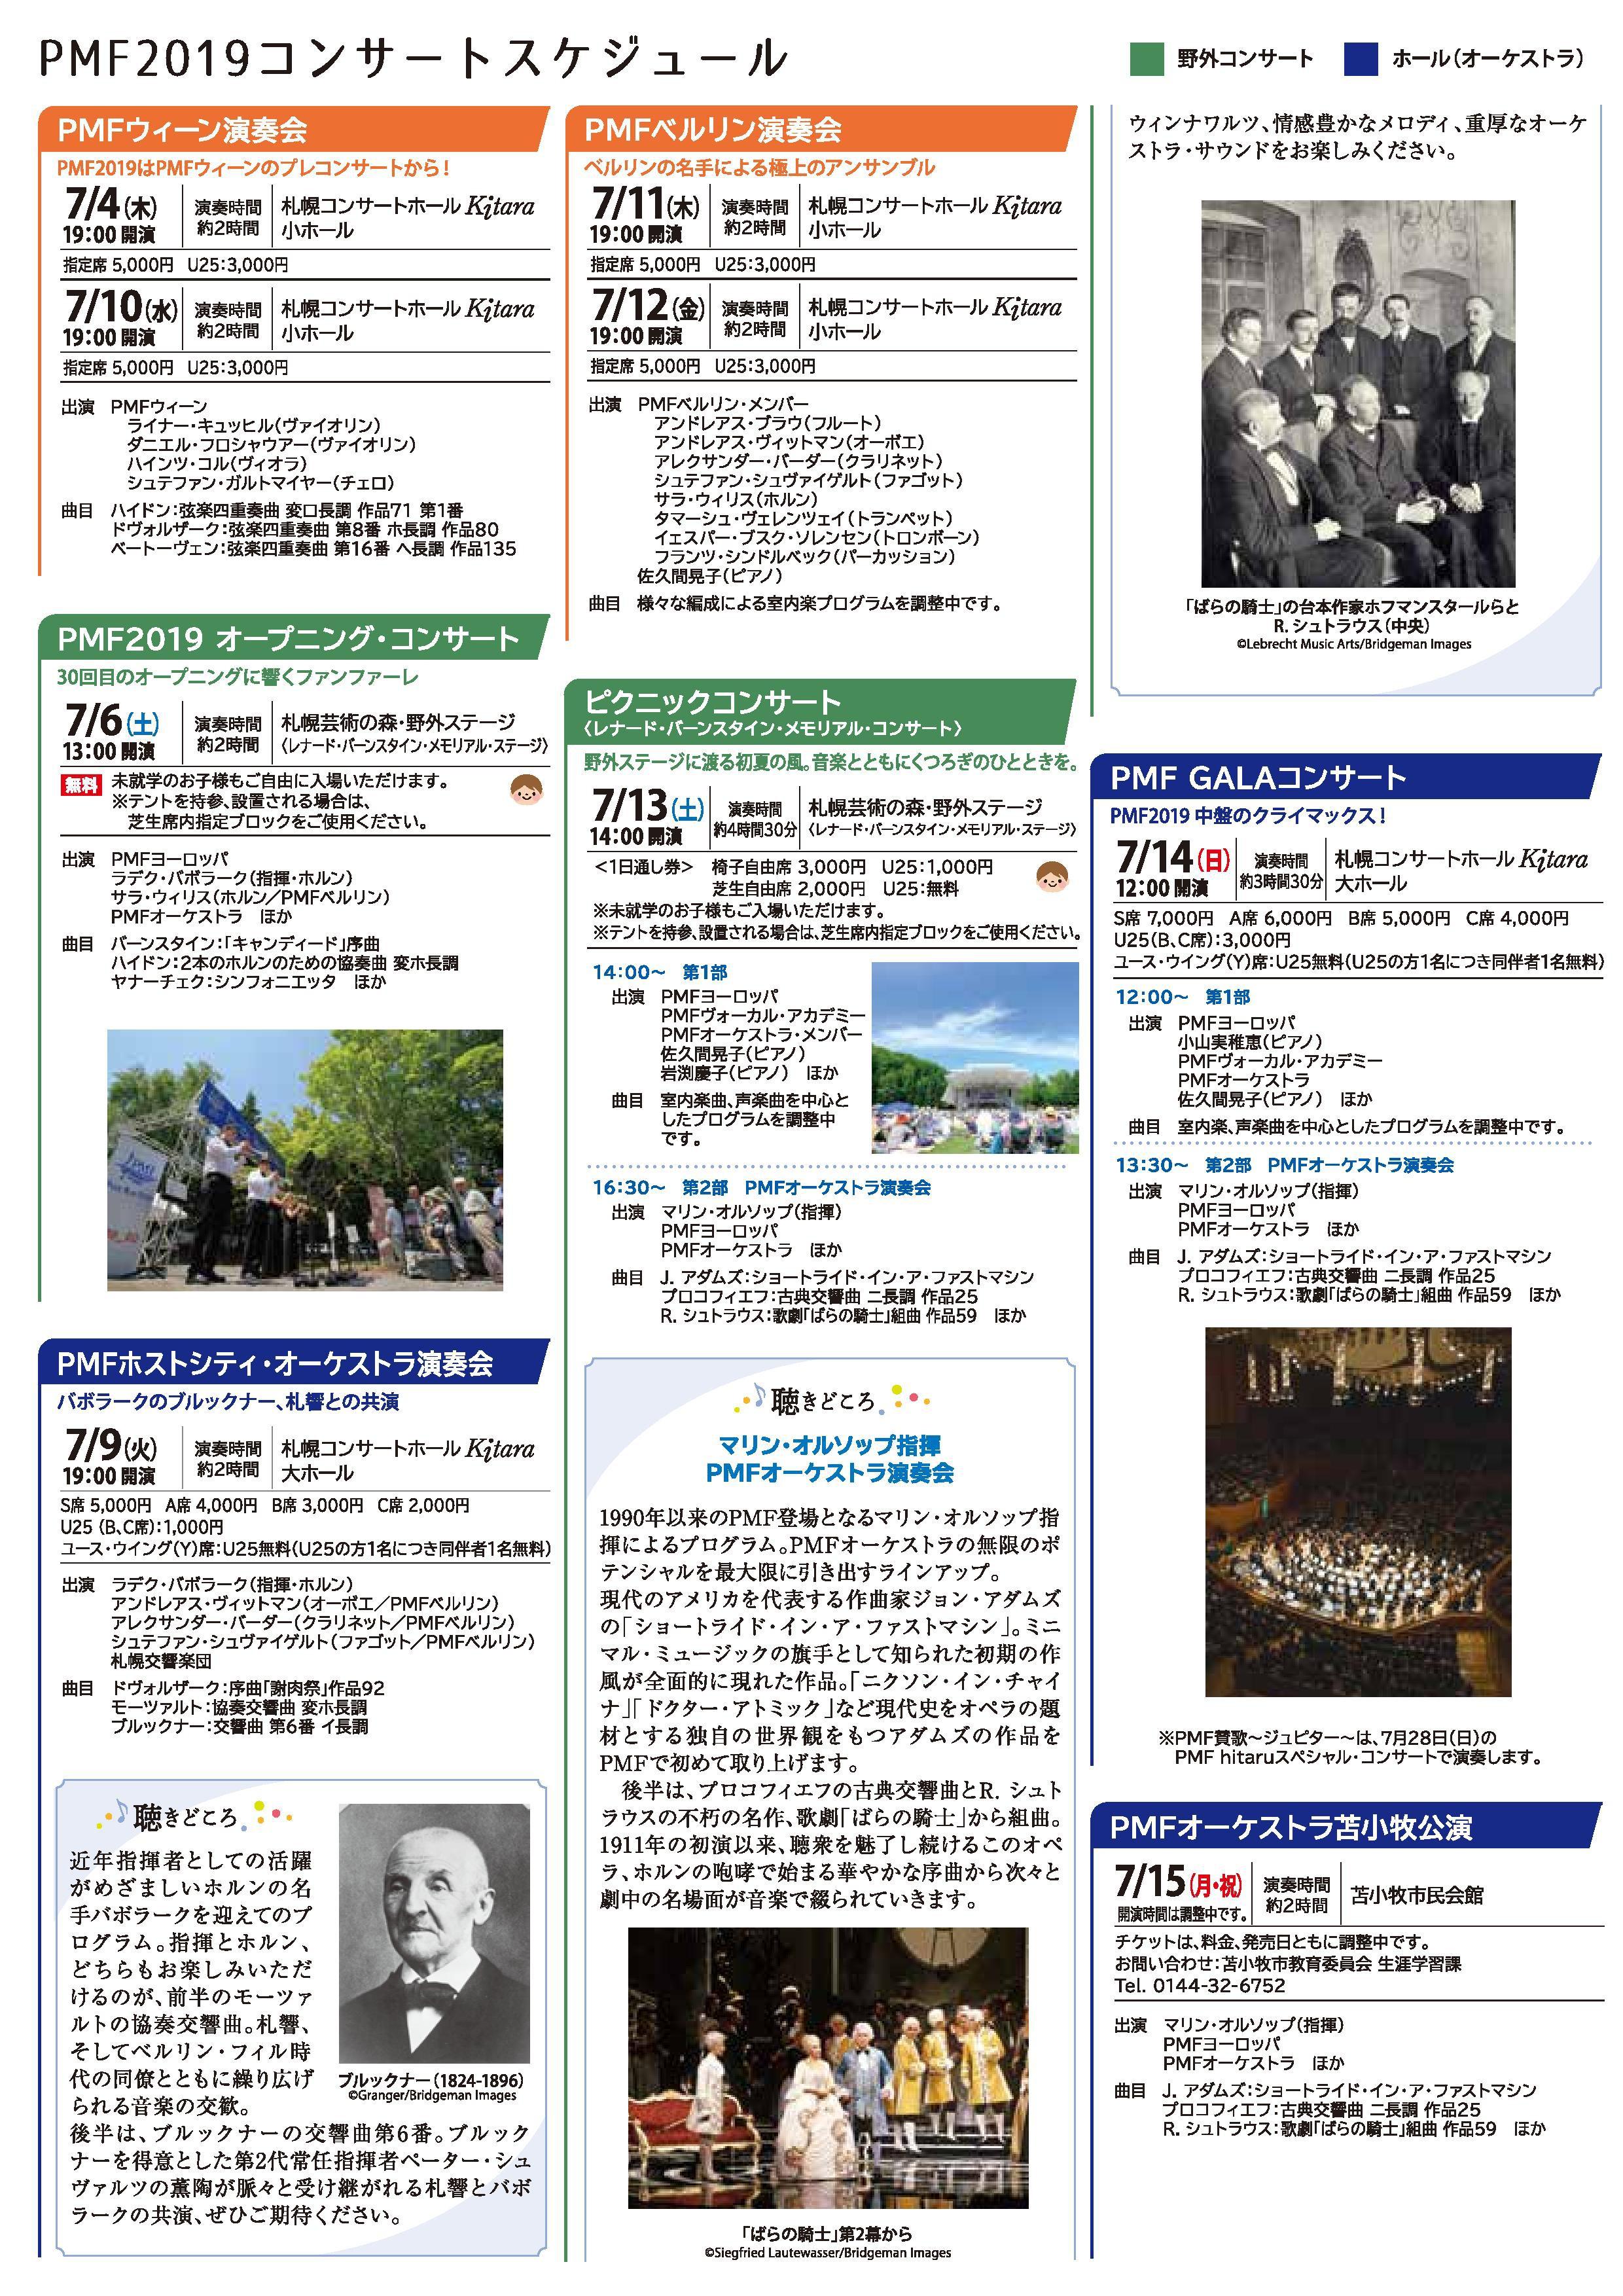 PMF2019 公演スケジュール(第1版) 1枚目